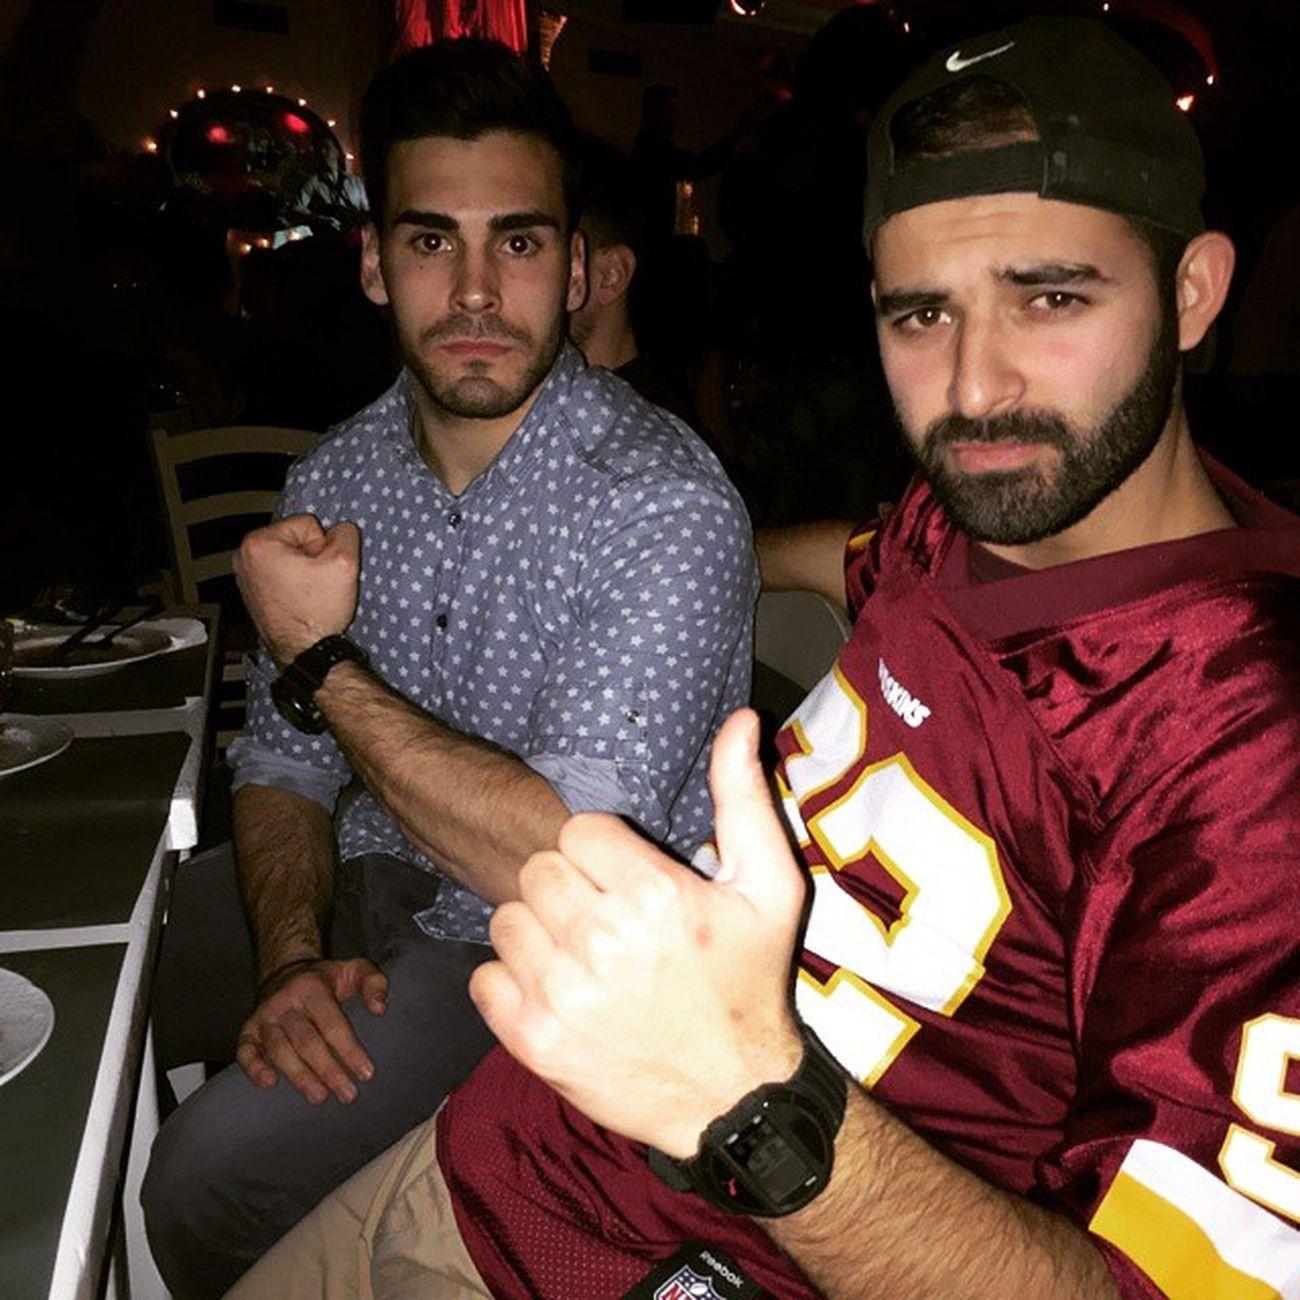 Mates NFL Redskins Tsiknopempth duskoloi